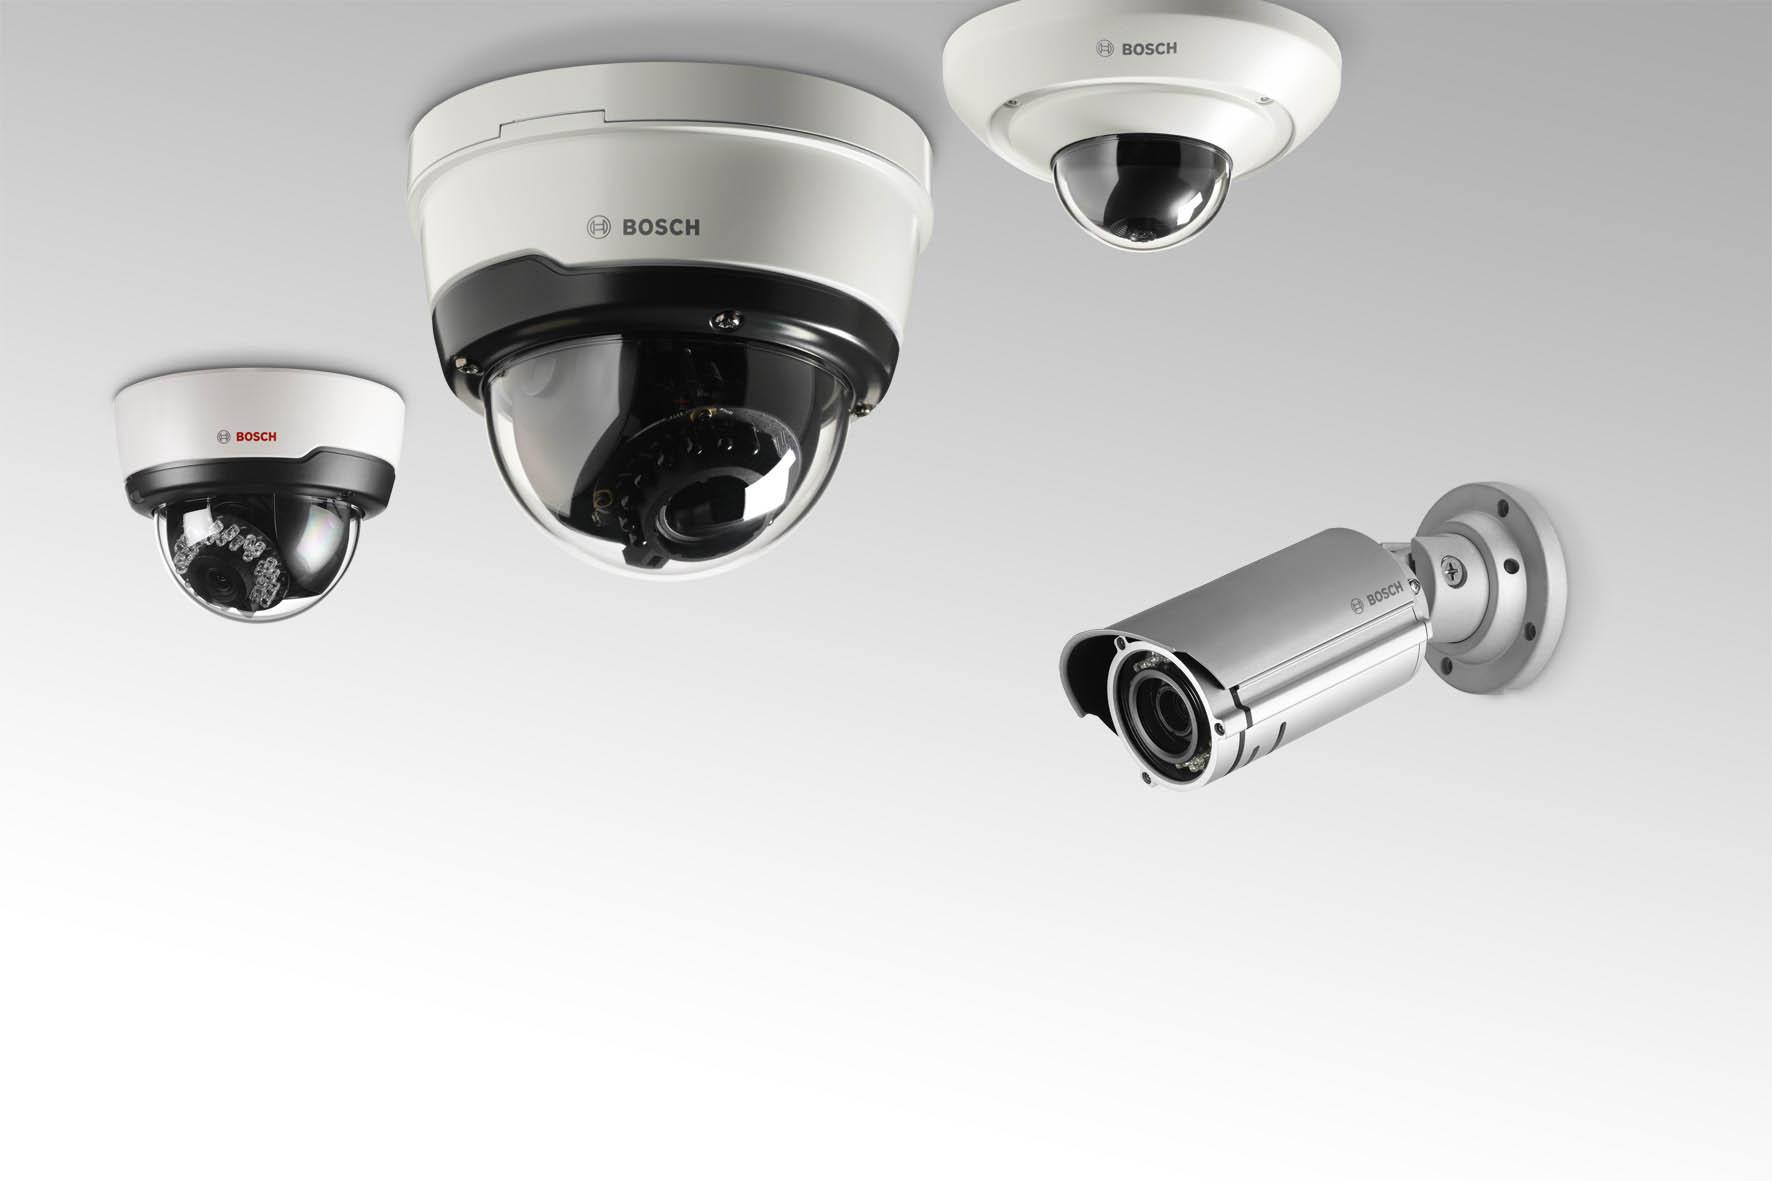 NOVES CÀMERES CCTV BOSCH